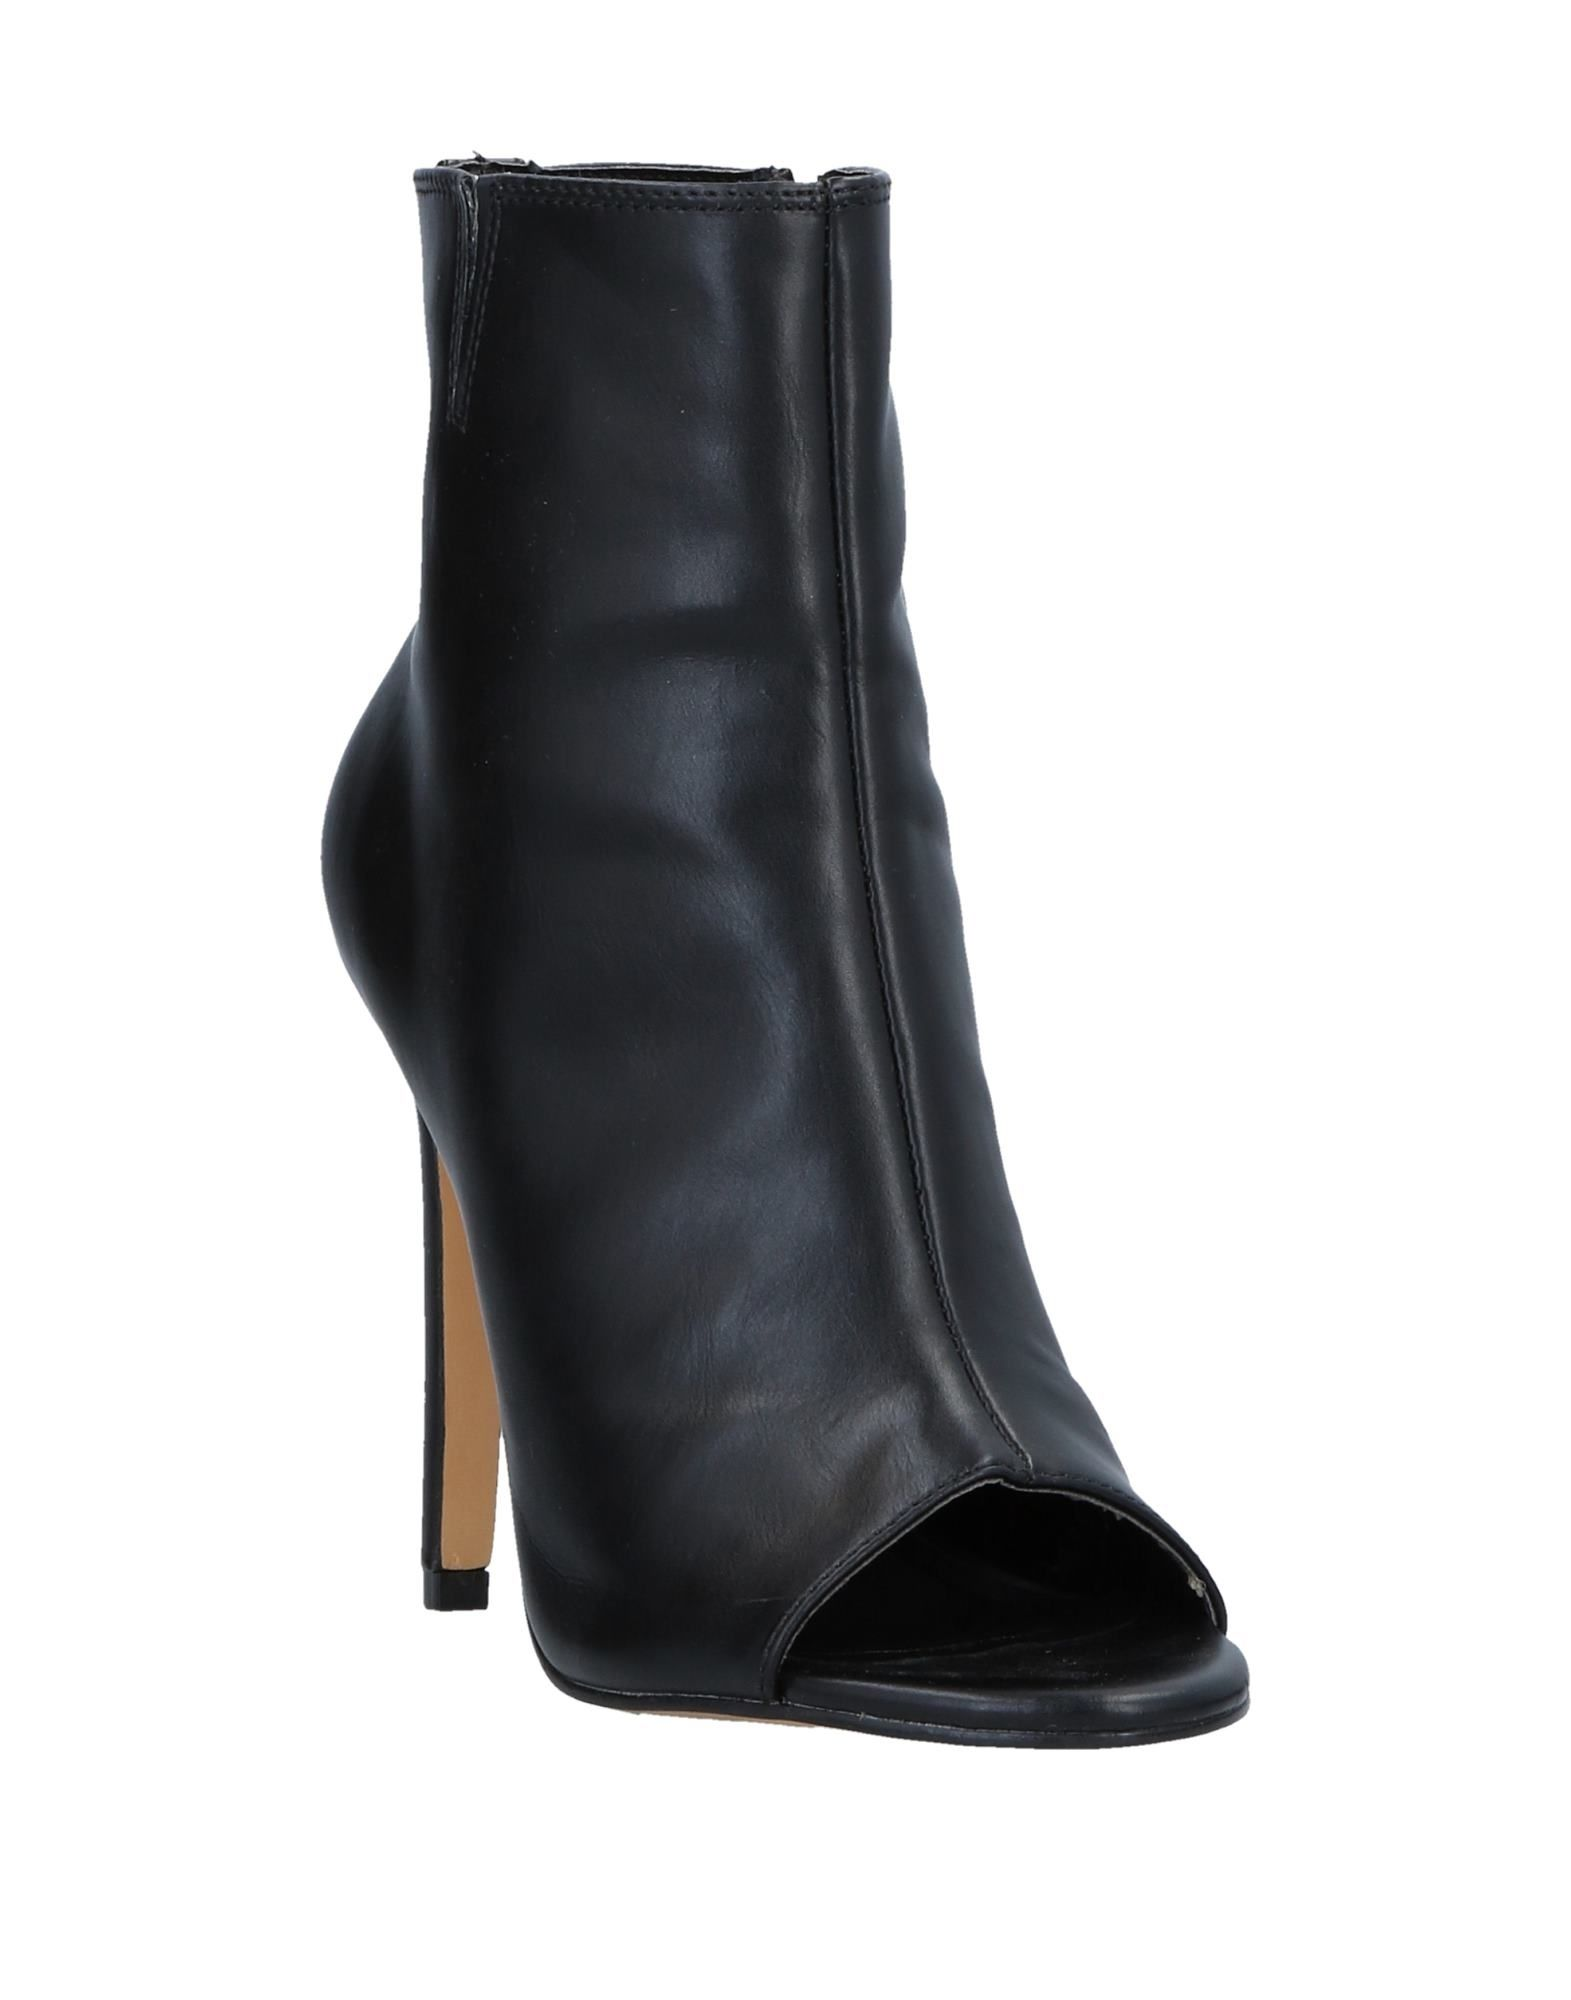 Relish Stiefelette Damen 11528687AT Gute Qualität beliebte beliebte beliebte Schuhe 64c11a